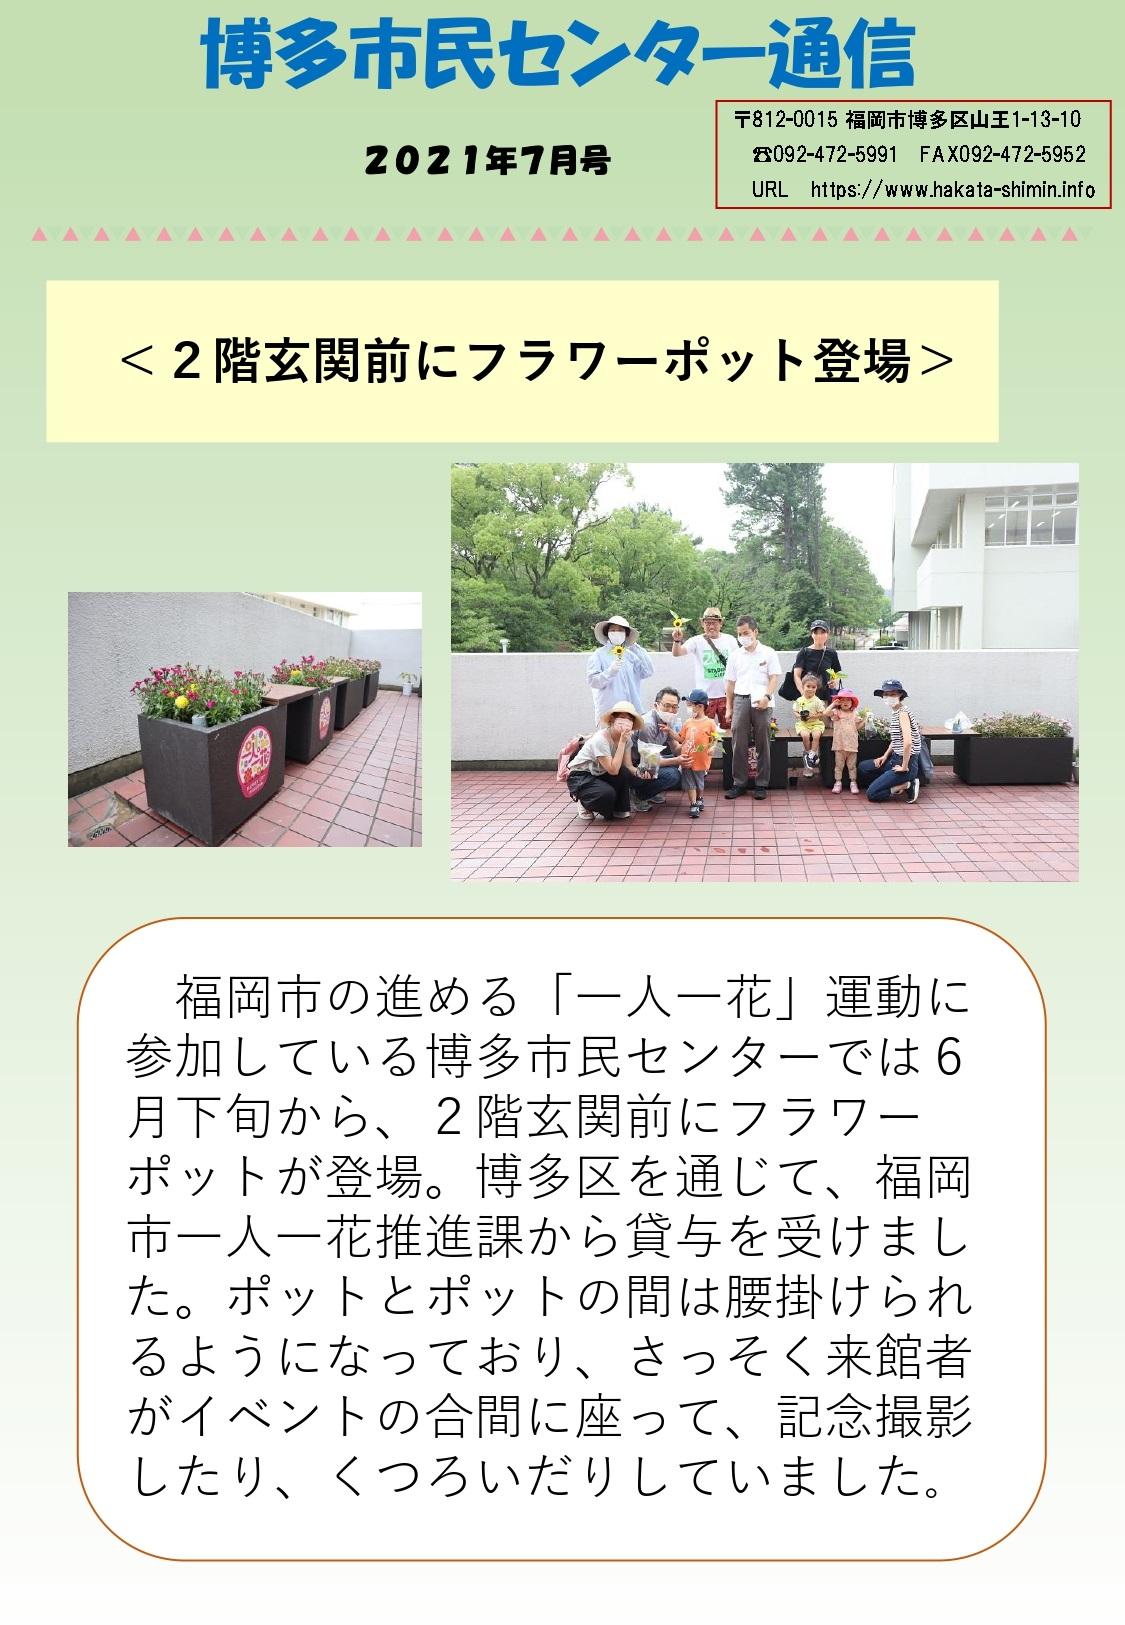 博多市民センター通信7月号をアップしました